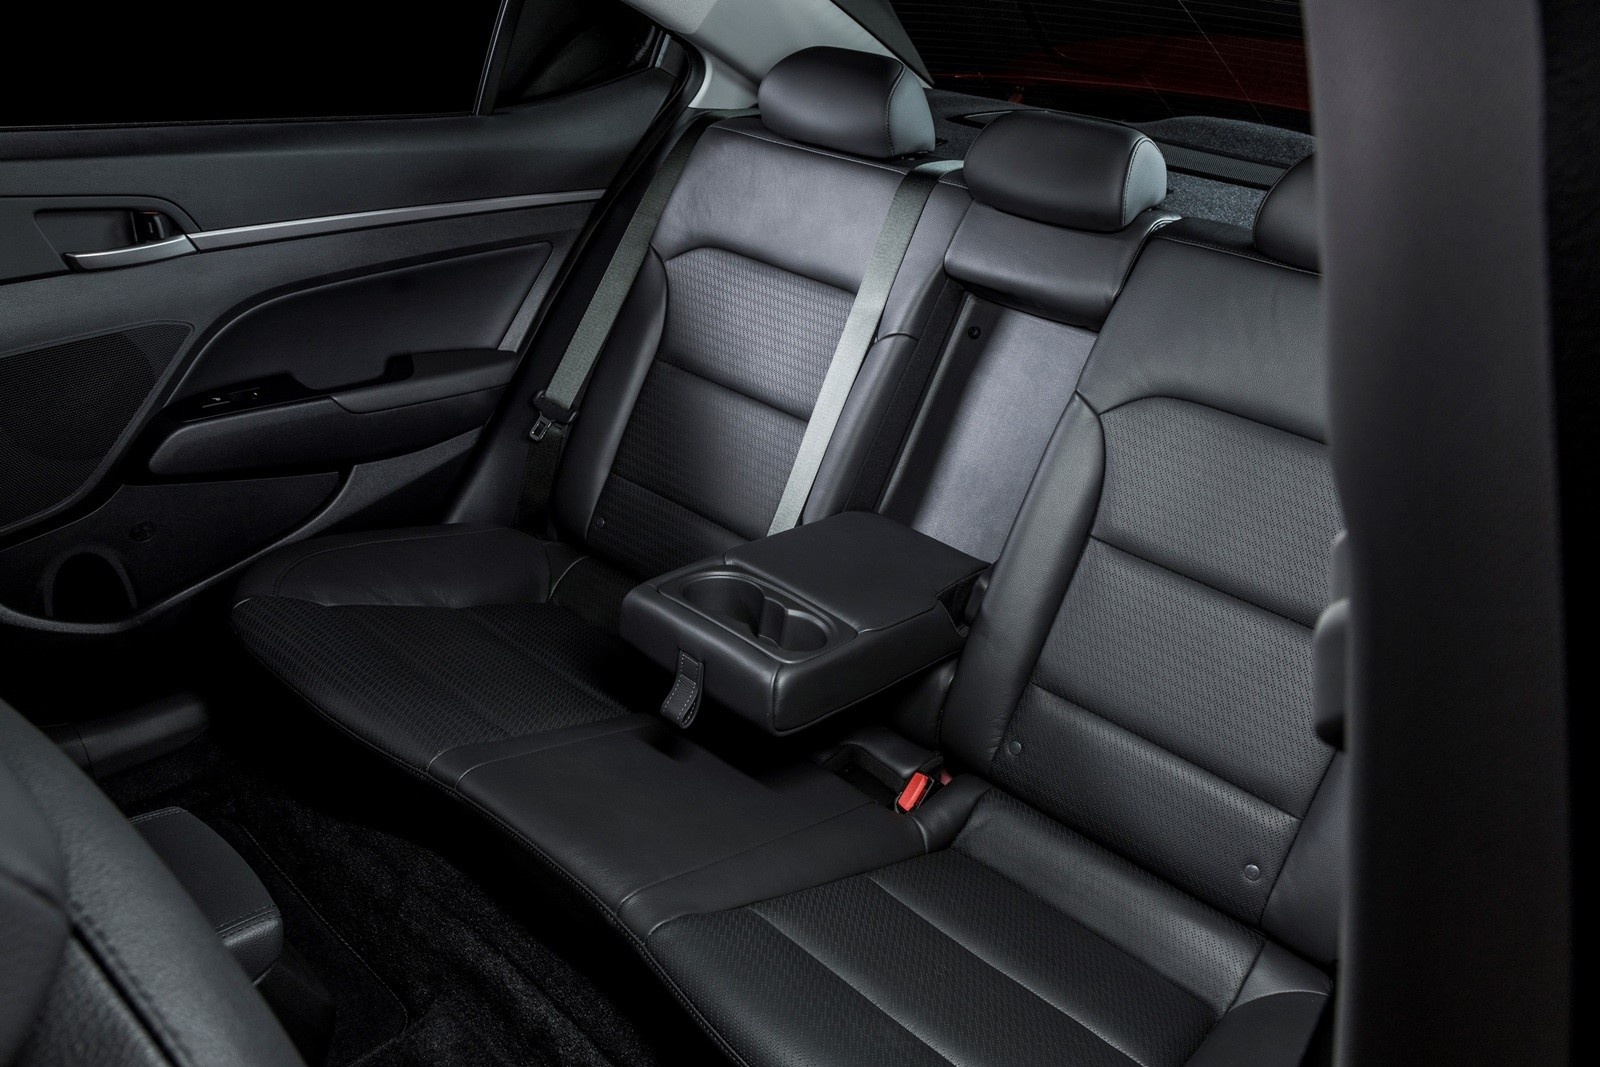 2017 Hyundai Elantra Review Autoevolution